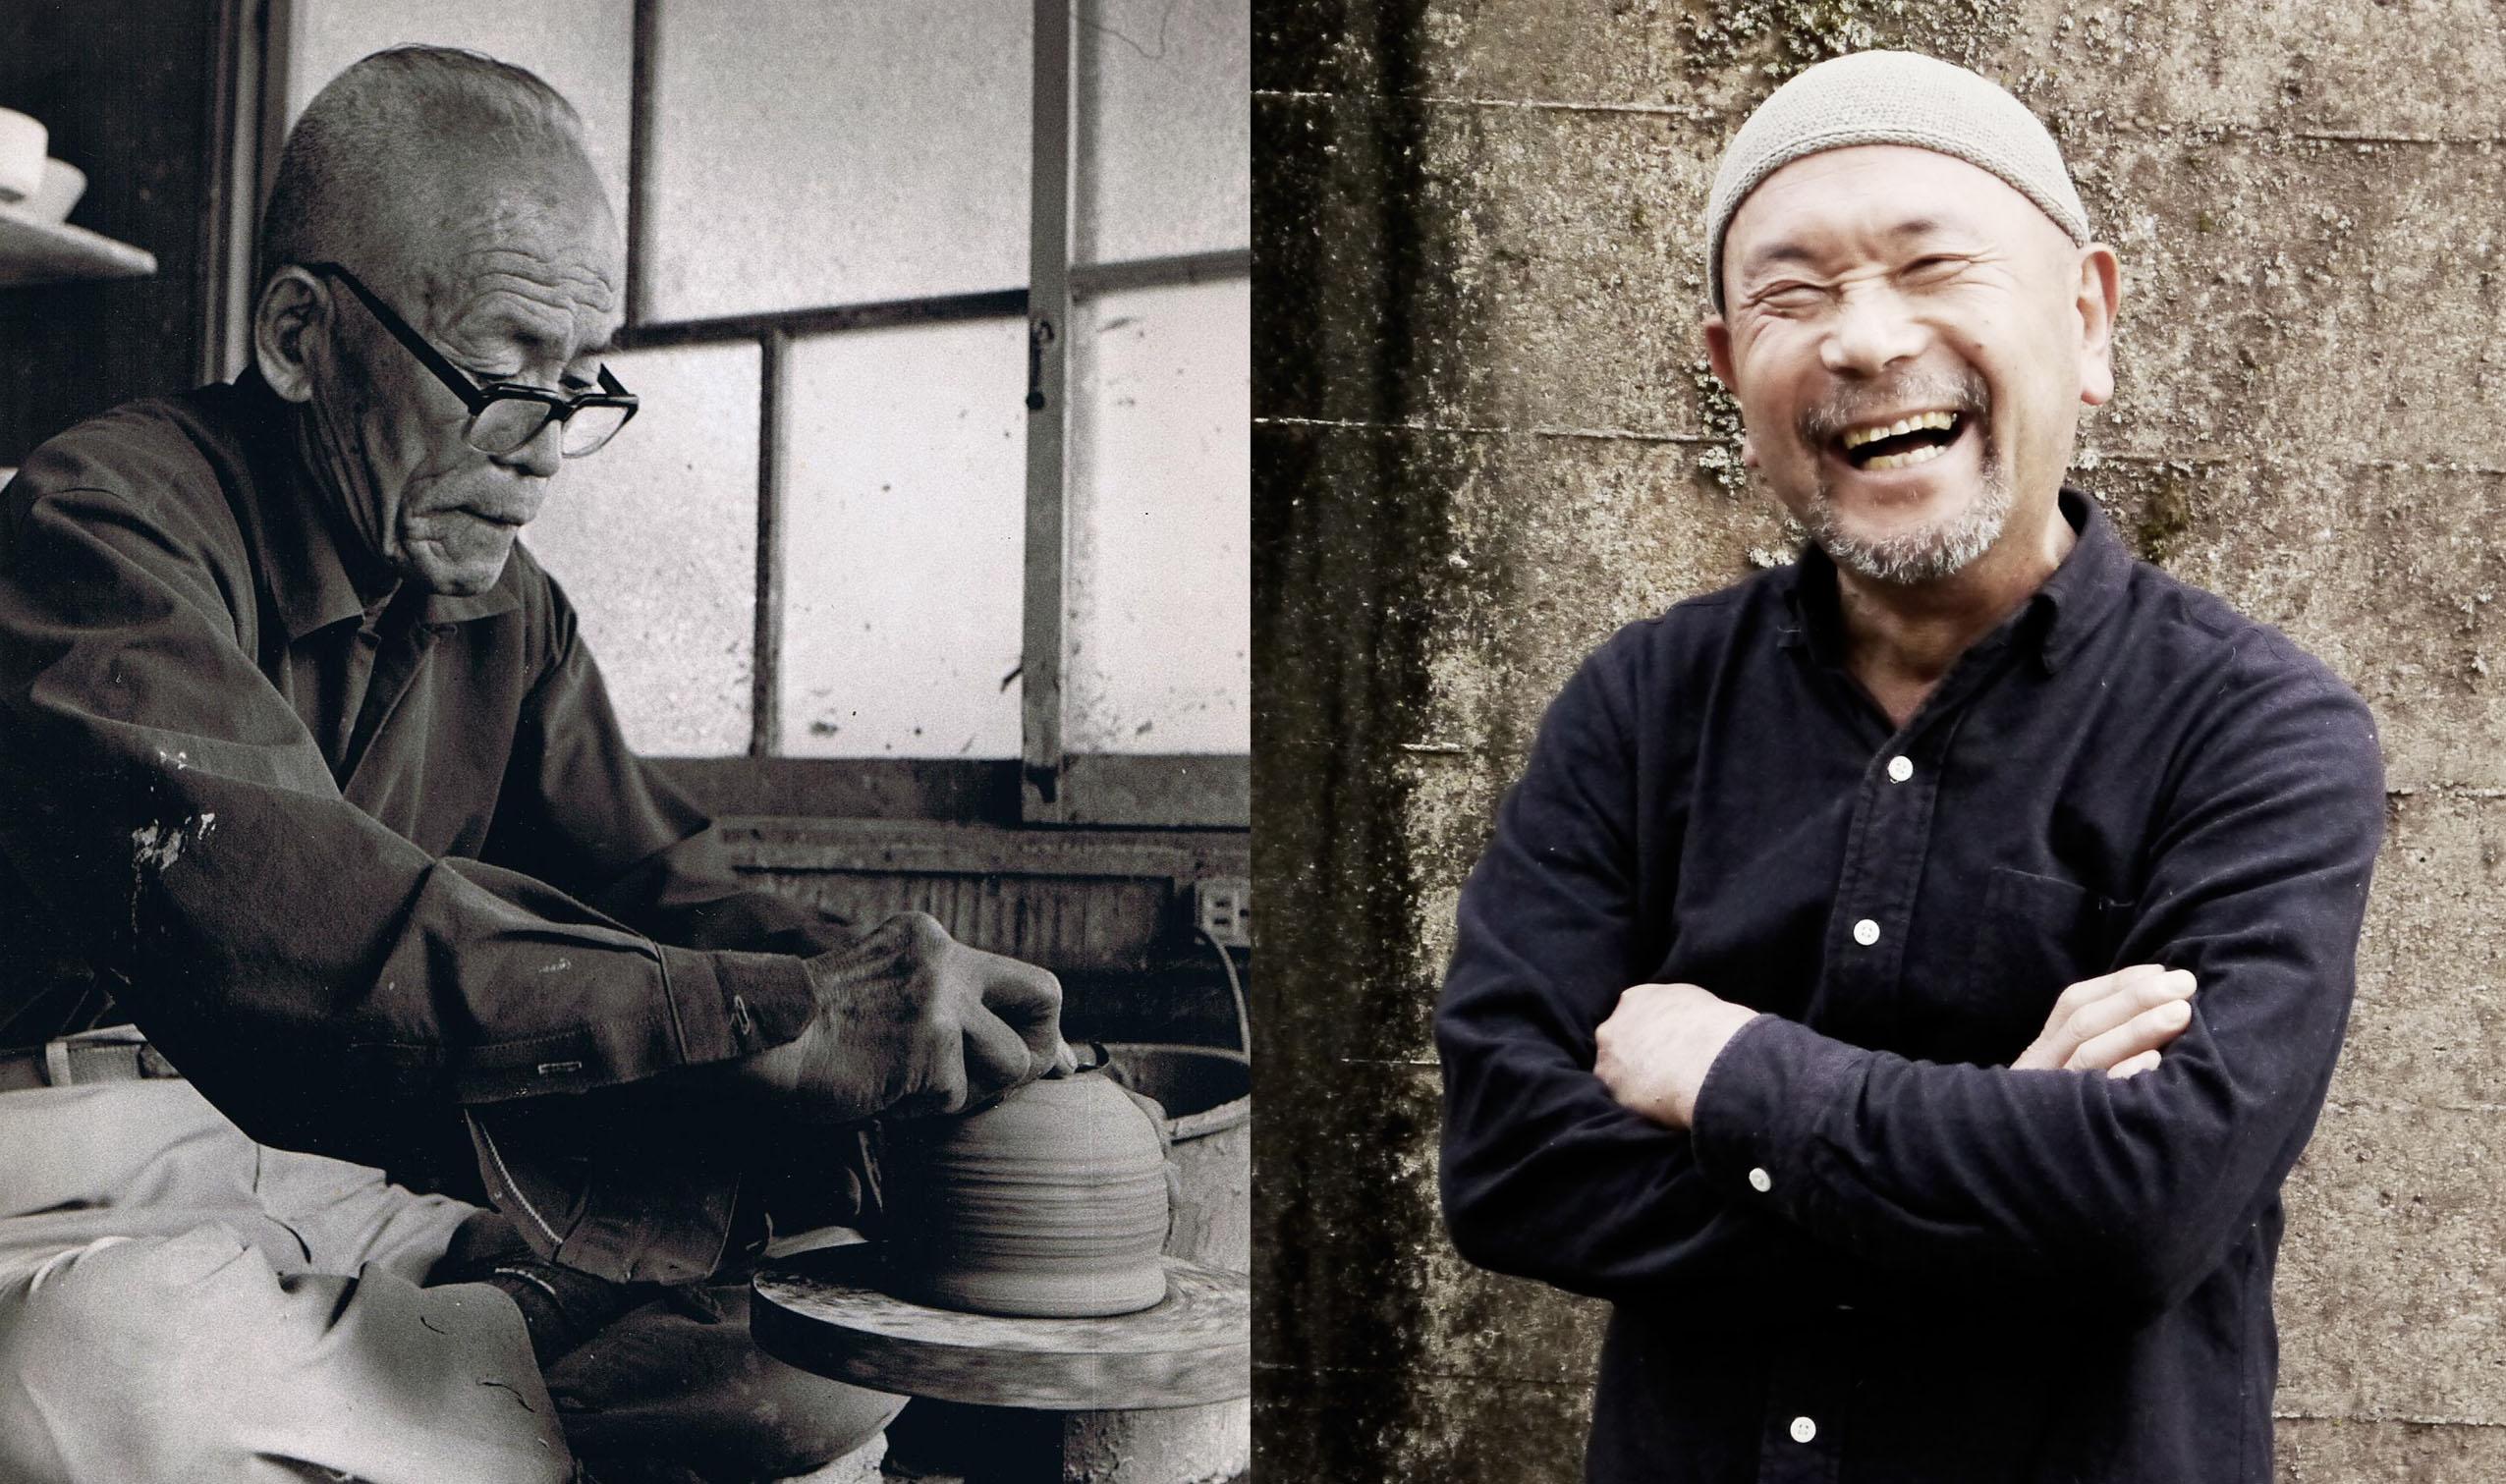 Keramik-Künstler Kato: Die 10. und 12. Generation - Großvarter und Enkel